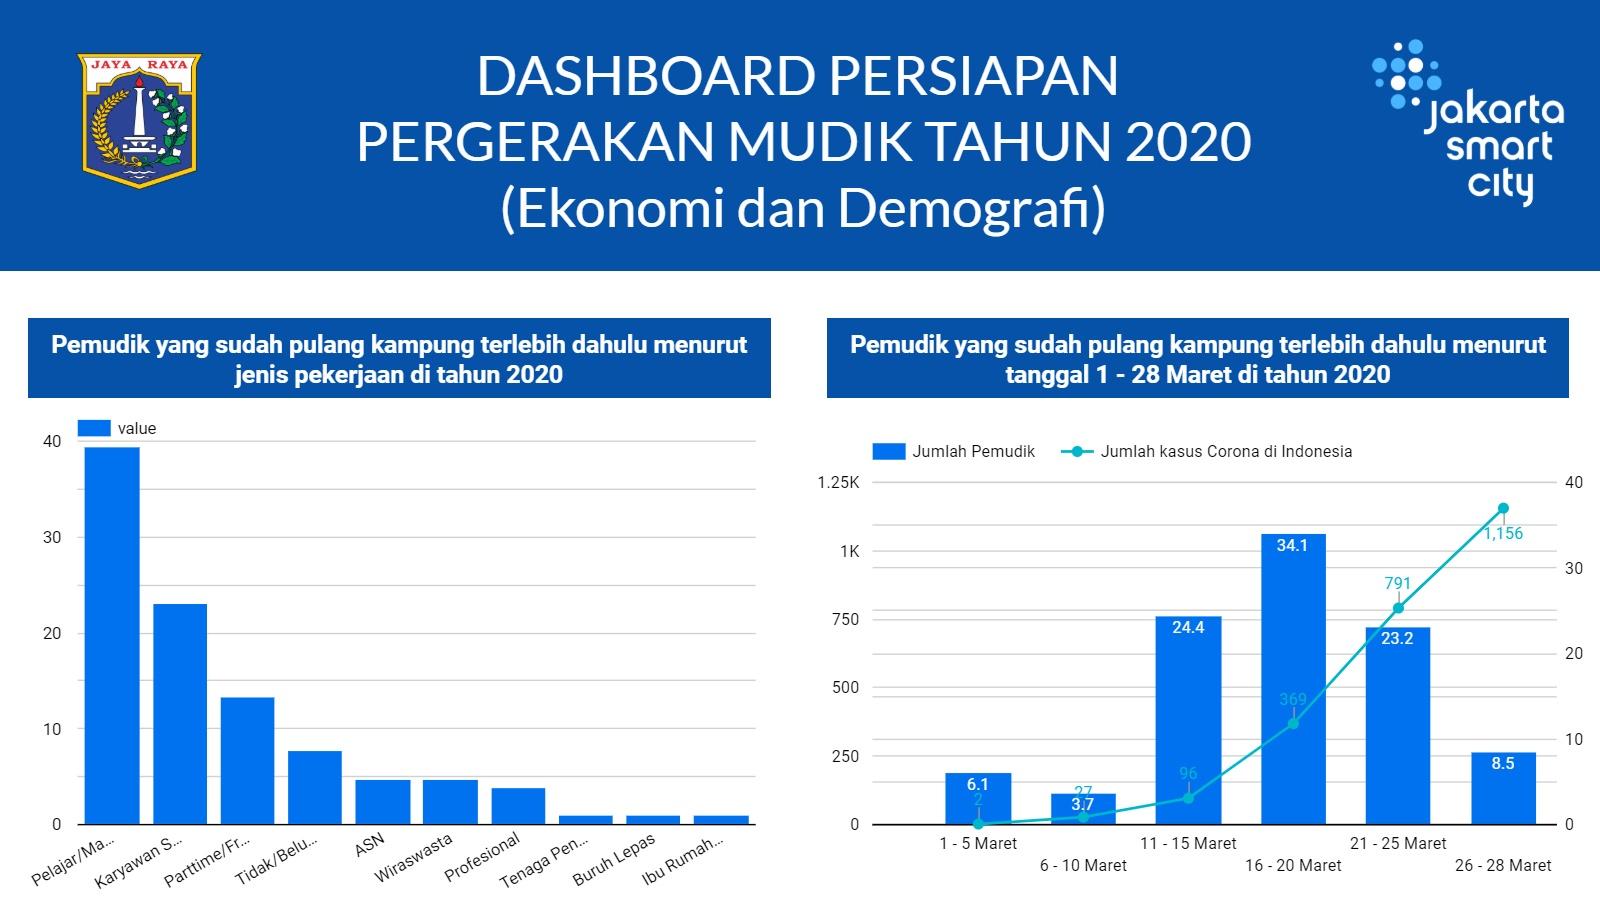 Dashboard Analisa Persiapan Mudik dari Sisi Ekonomi & Demografi Masyarakat